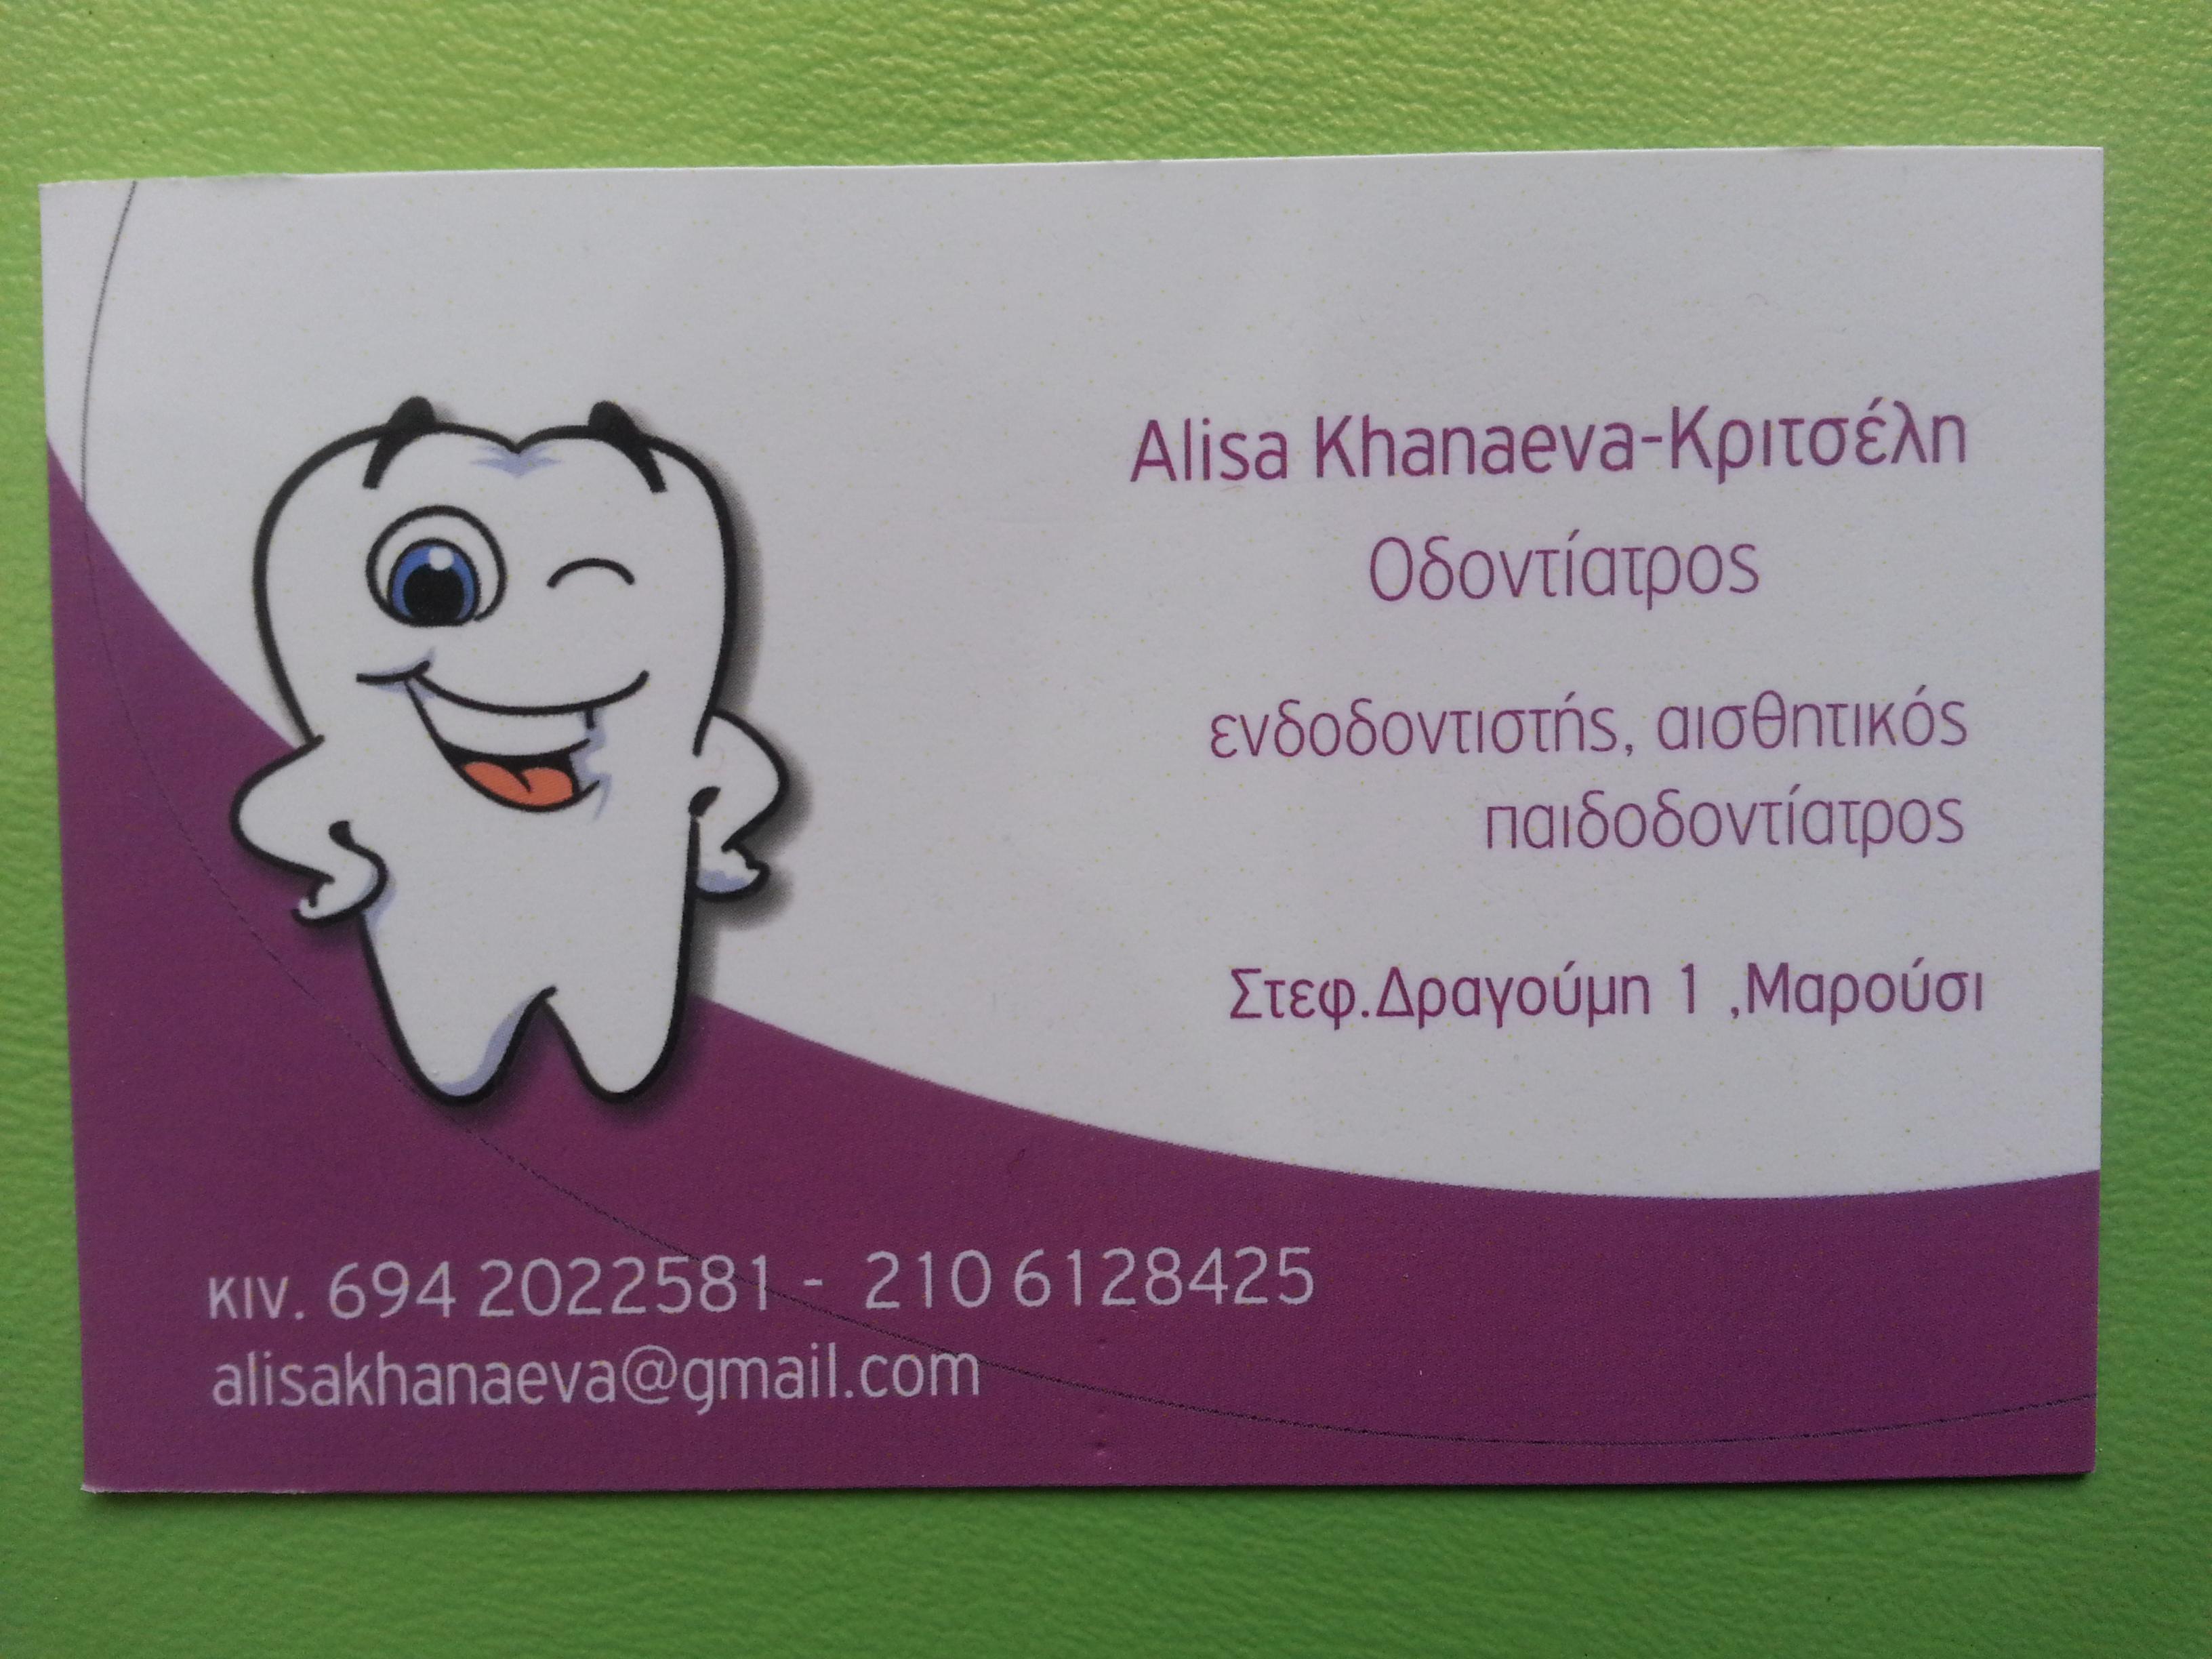 Αλίσα- Οδοντίατρος - Success story φωτογραφία 3